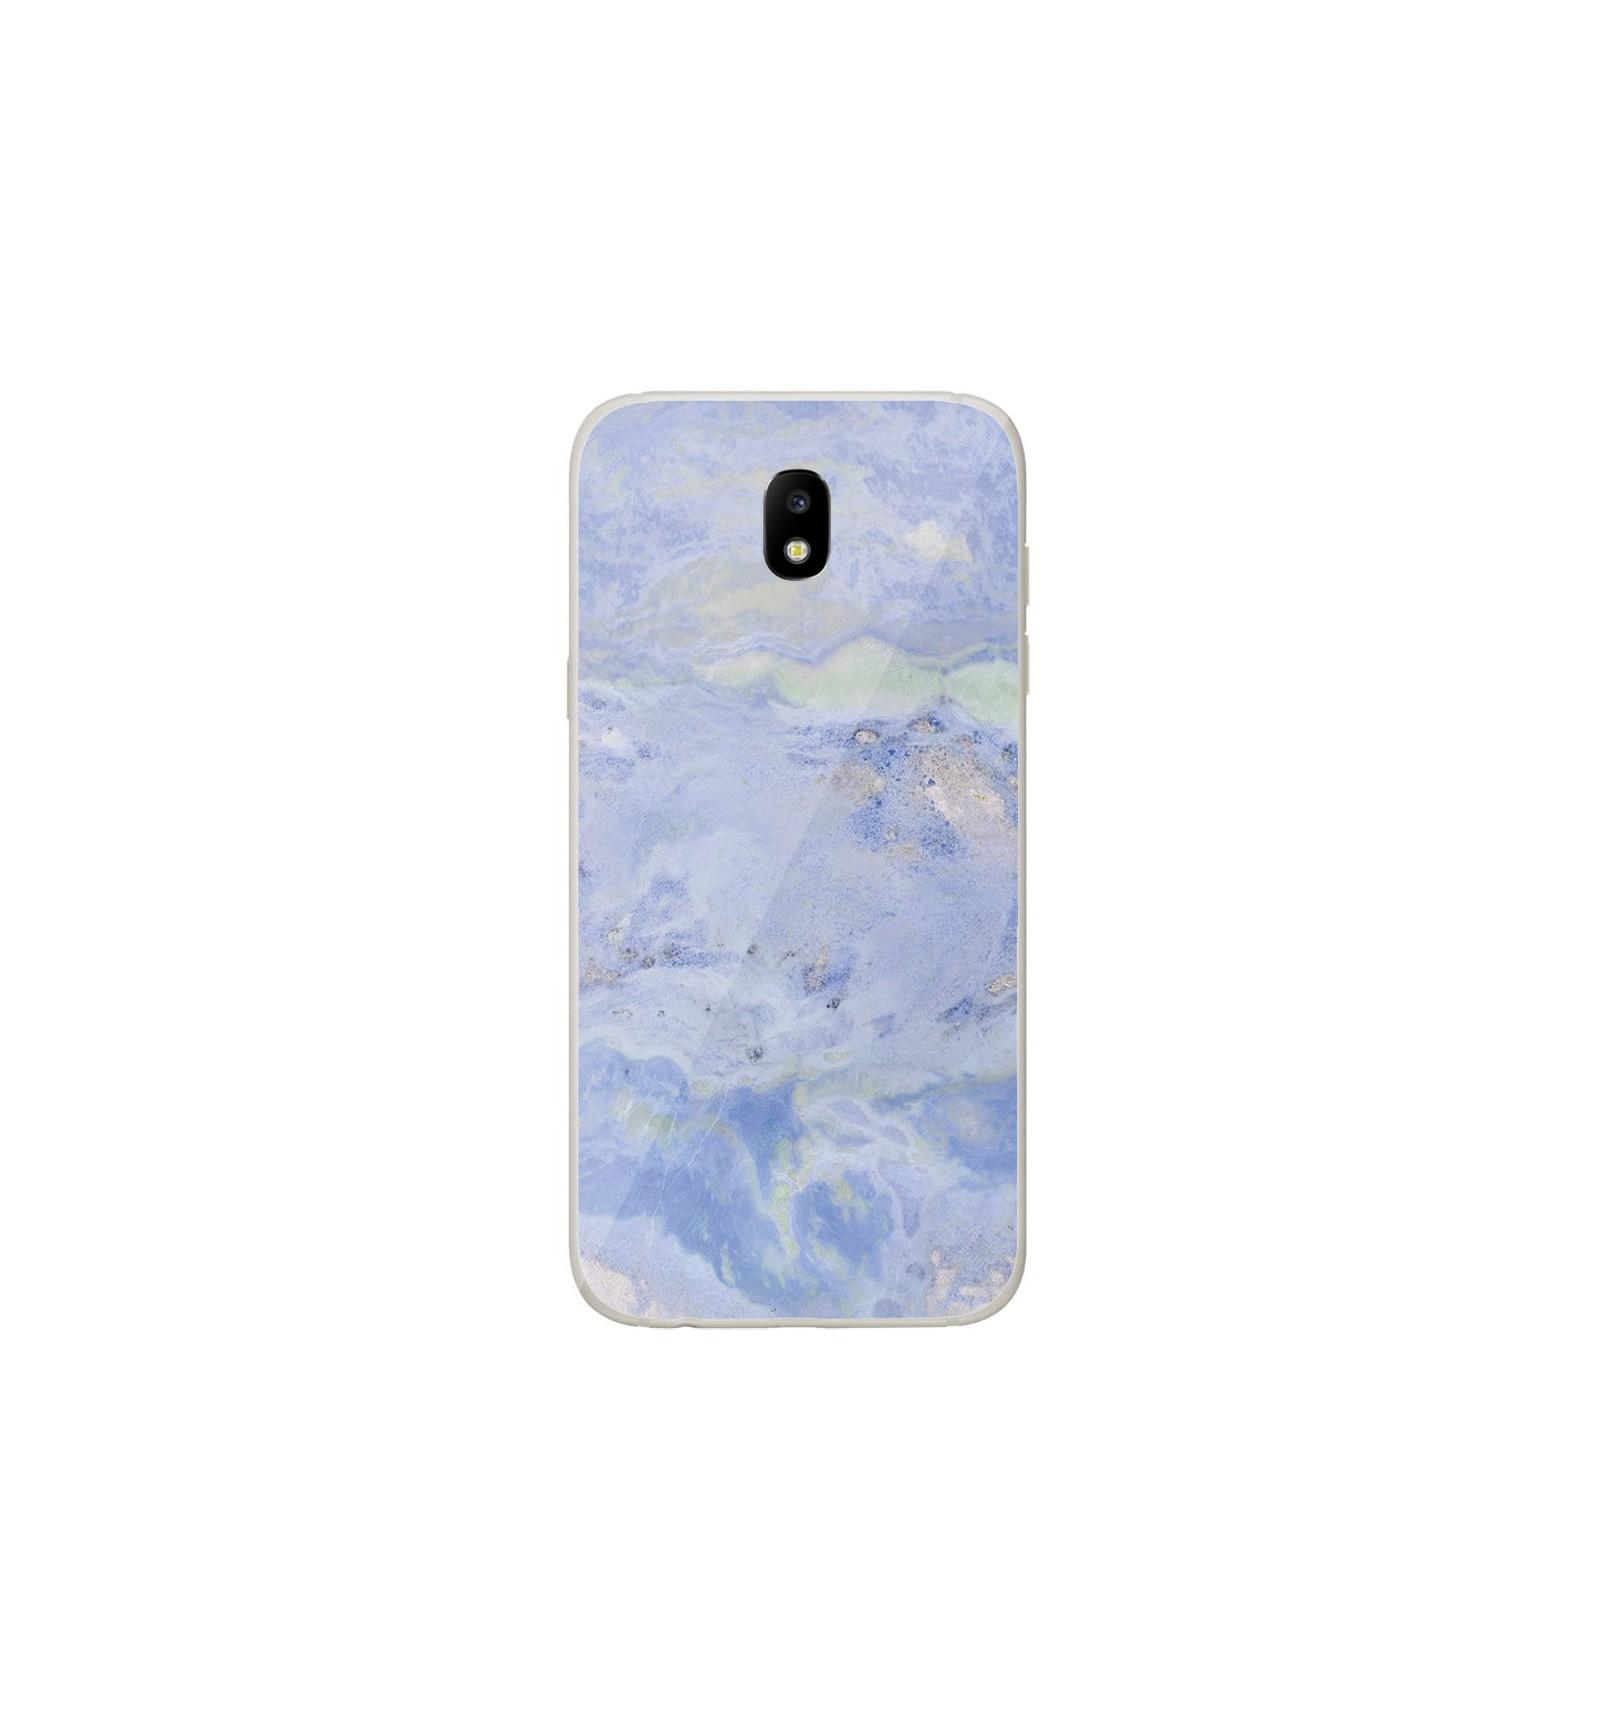 coque galaxy j5 2017 marbre